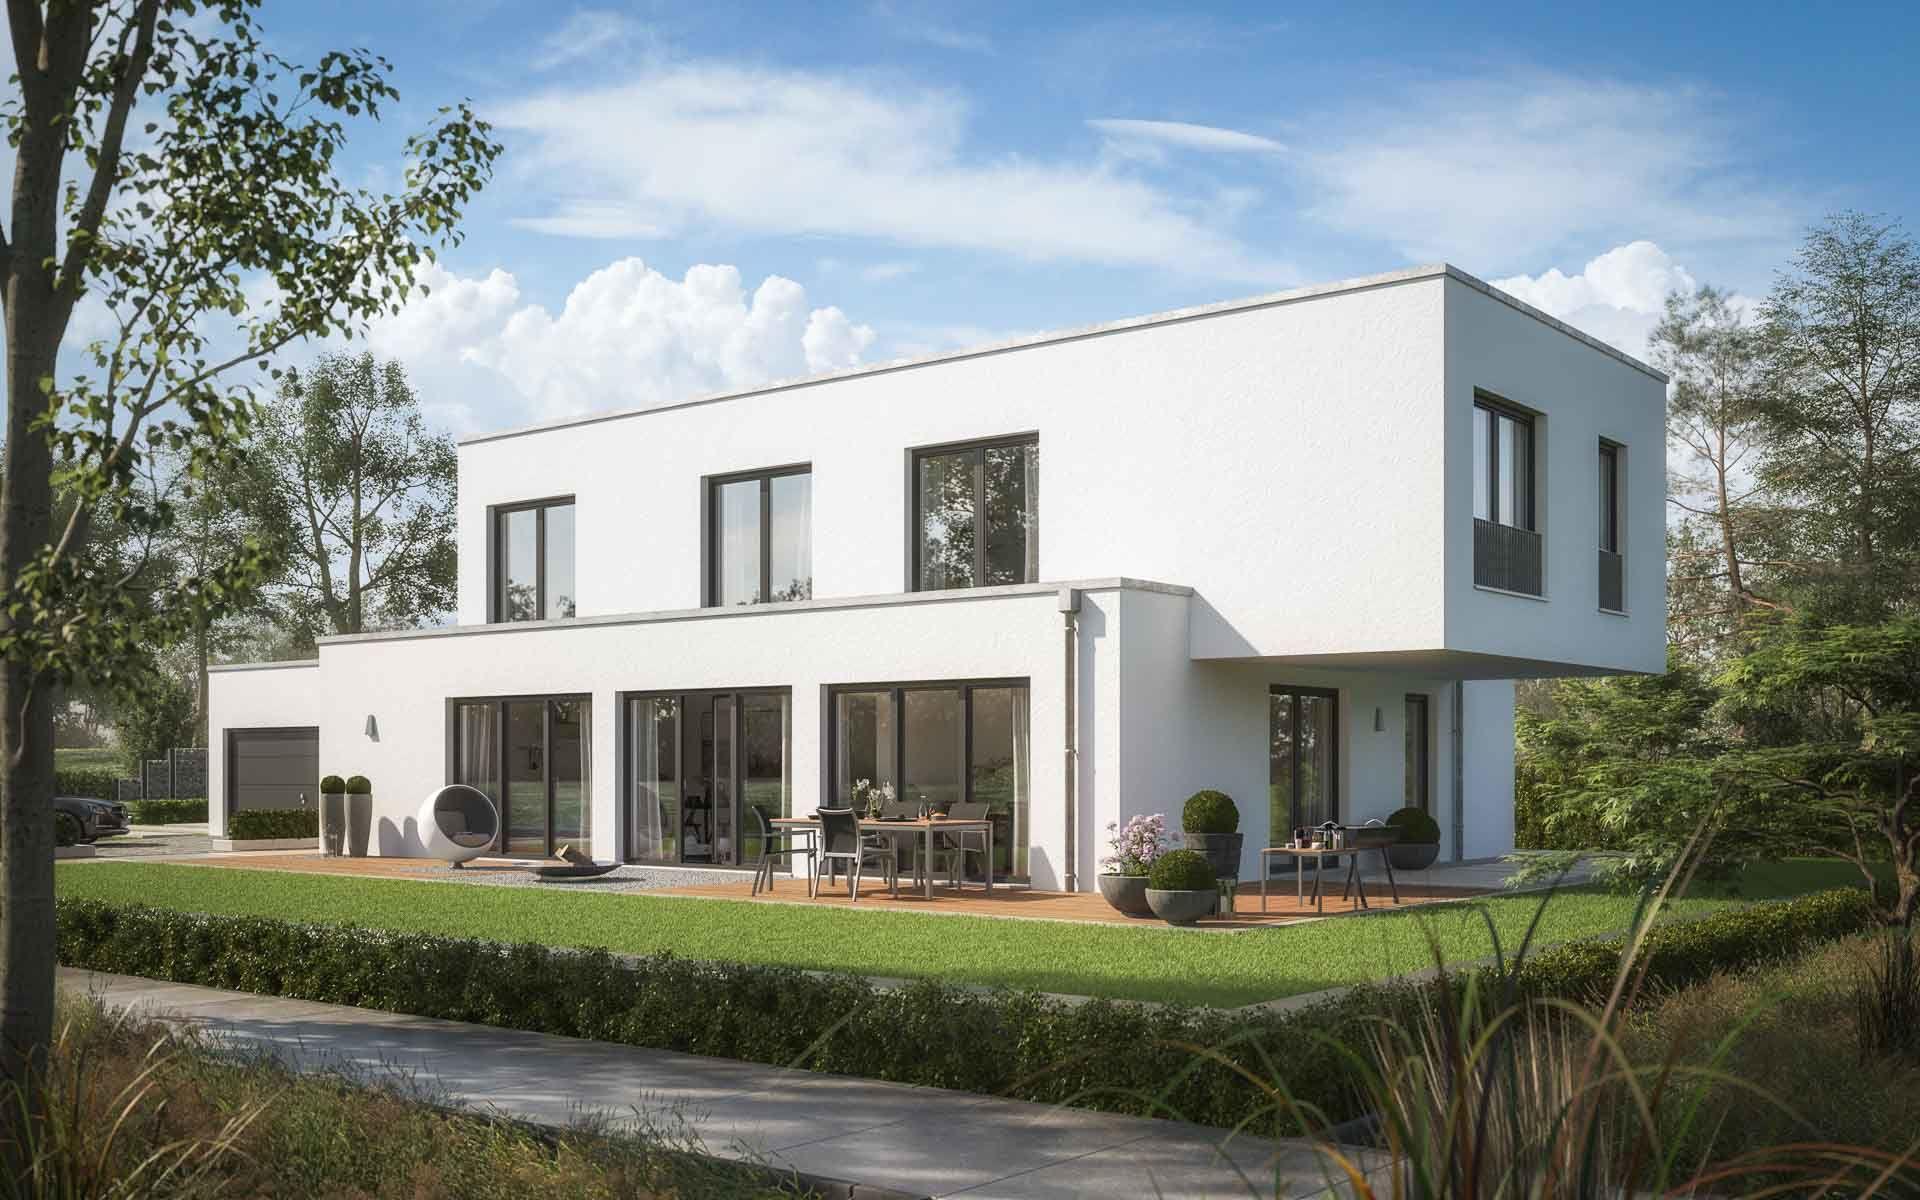 MKM - Schlüsselfertiges Massivhaus in hochwertiger Qualität